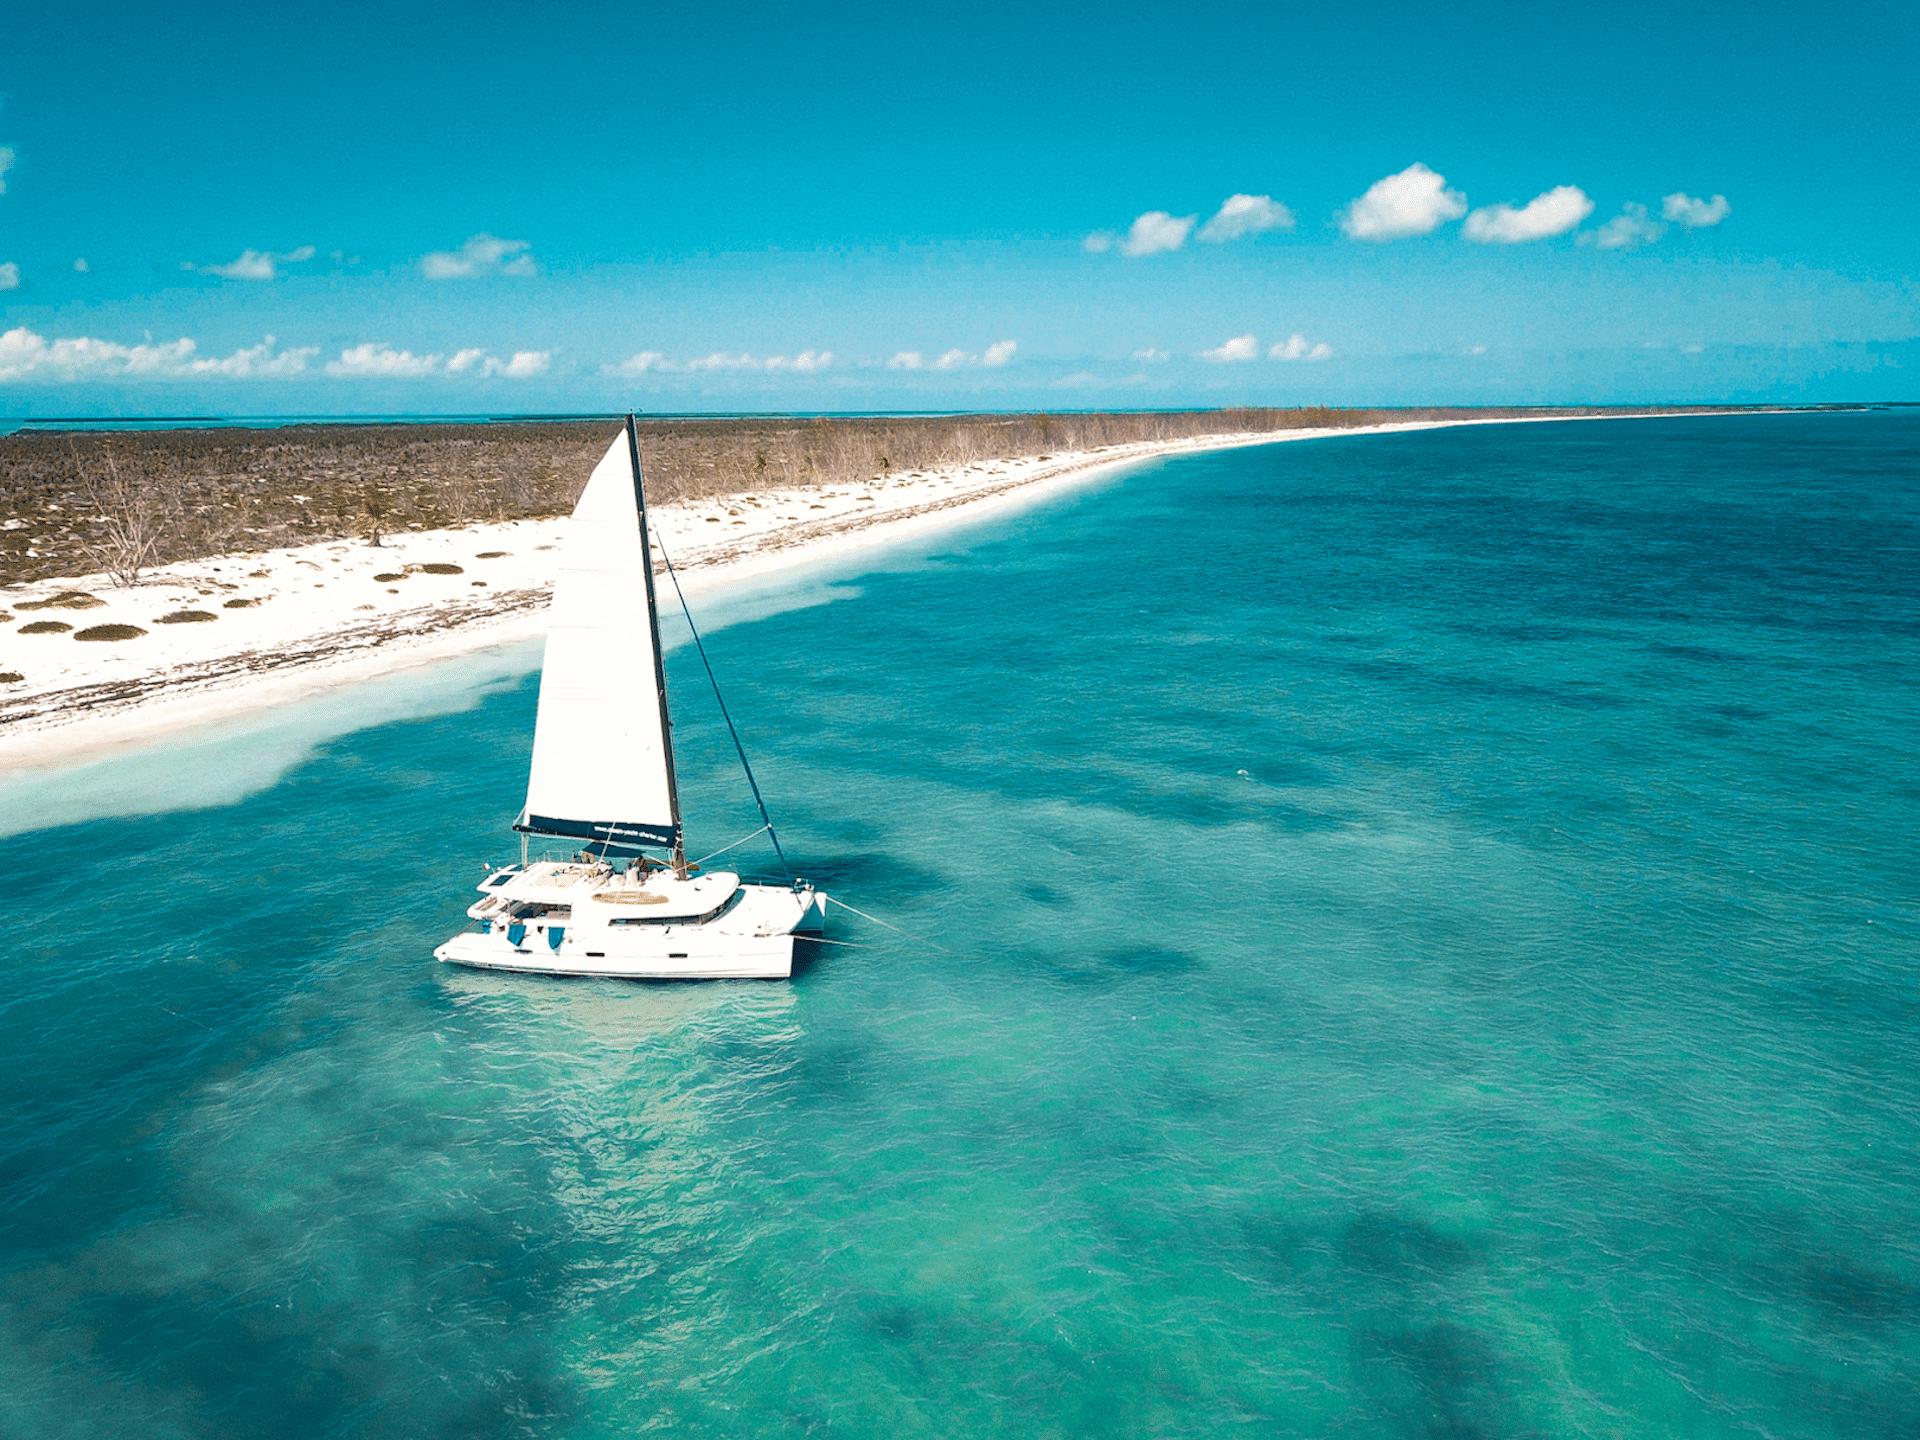 Segelboot im türkisfarbenen Meer in Kuba